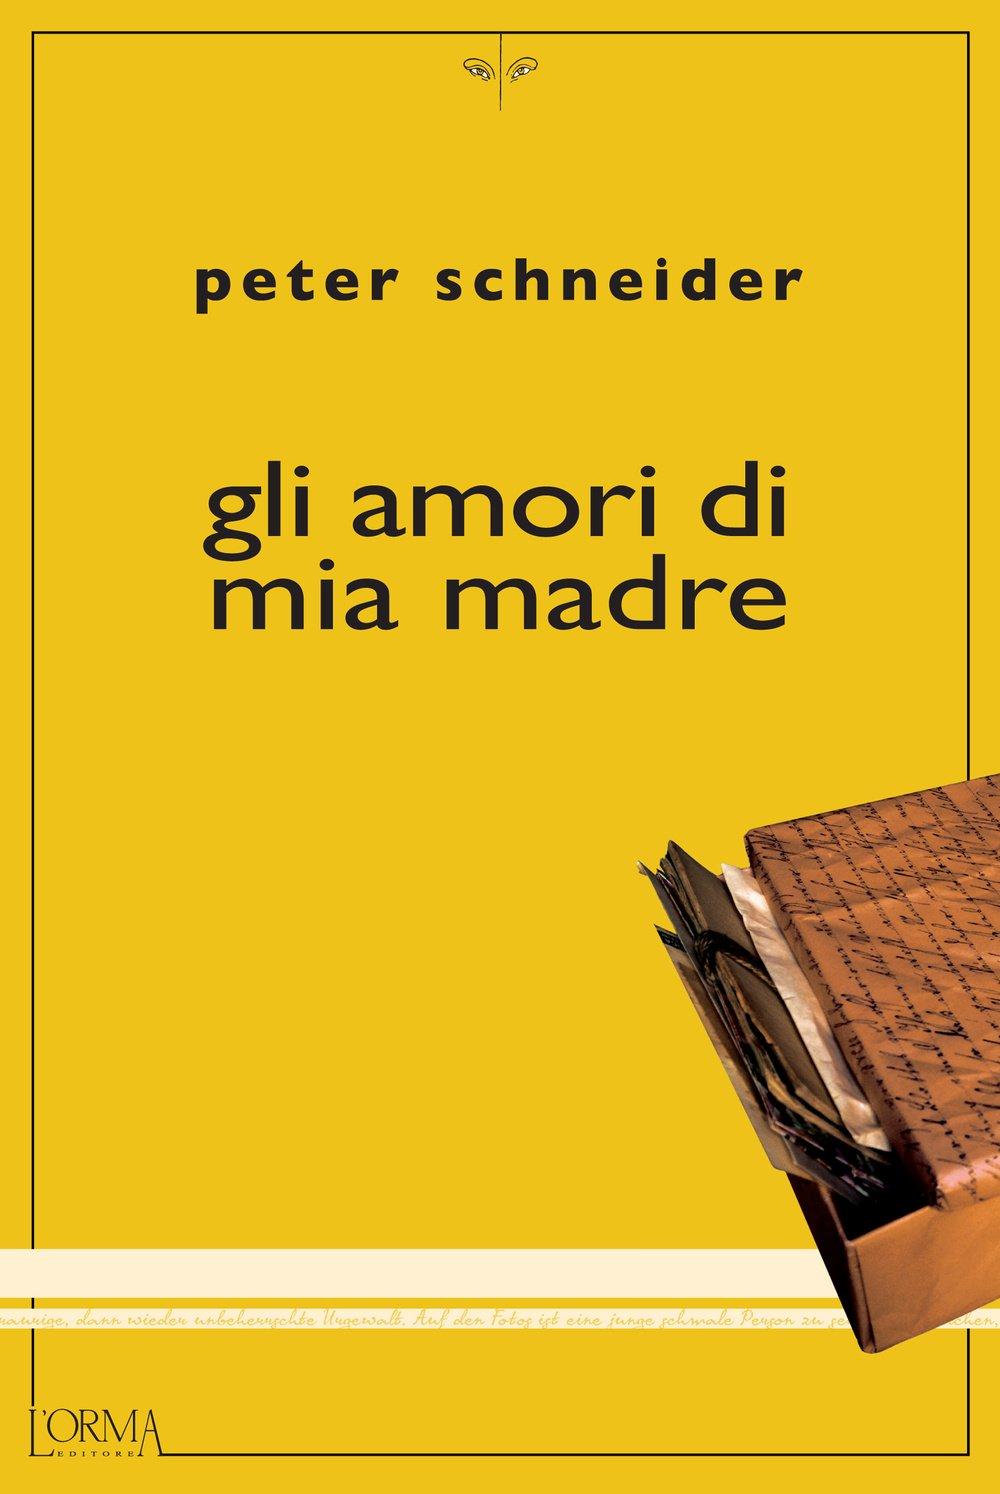 Peter Schneider - Gli amori di mia madre